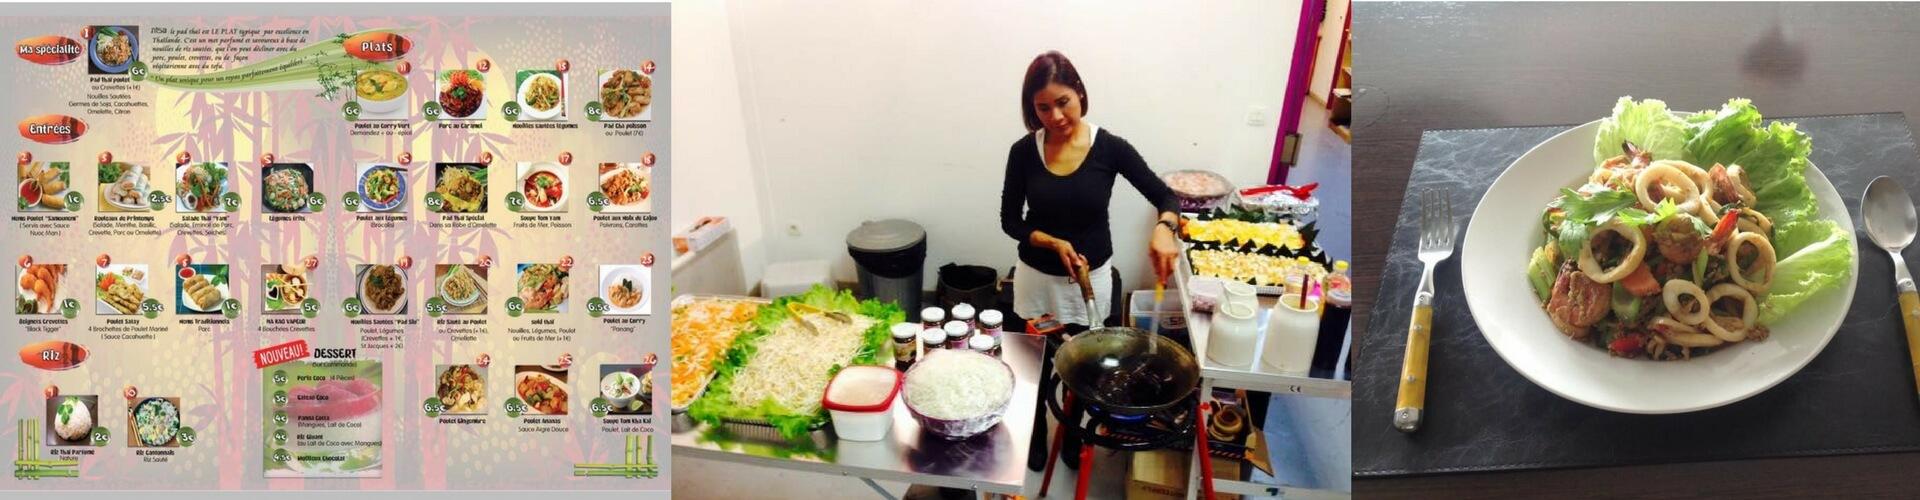 Nisa Thaï Shop plats à emporter Thaïlandais à Péret